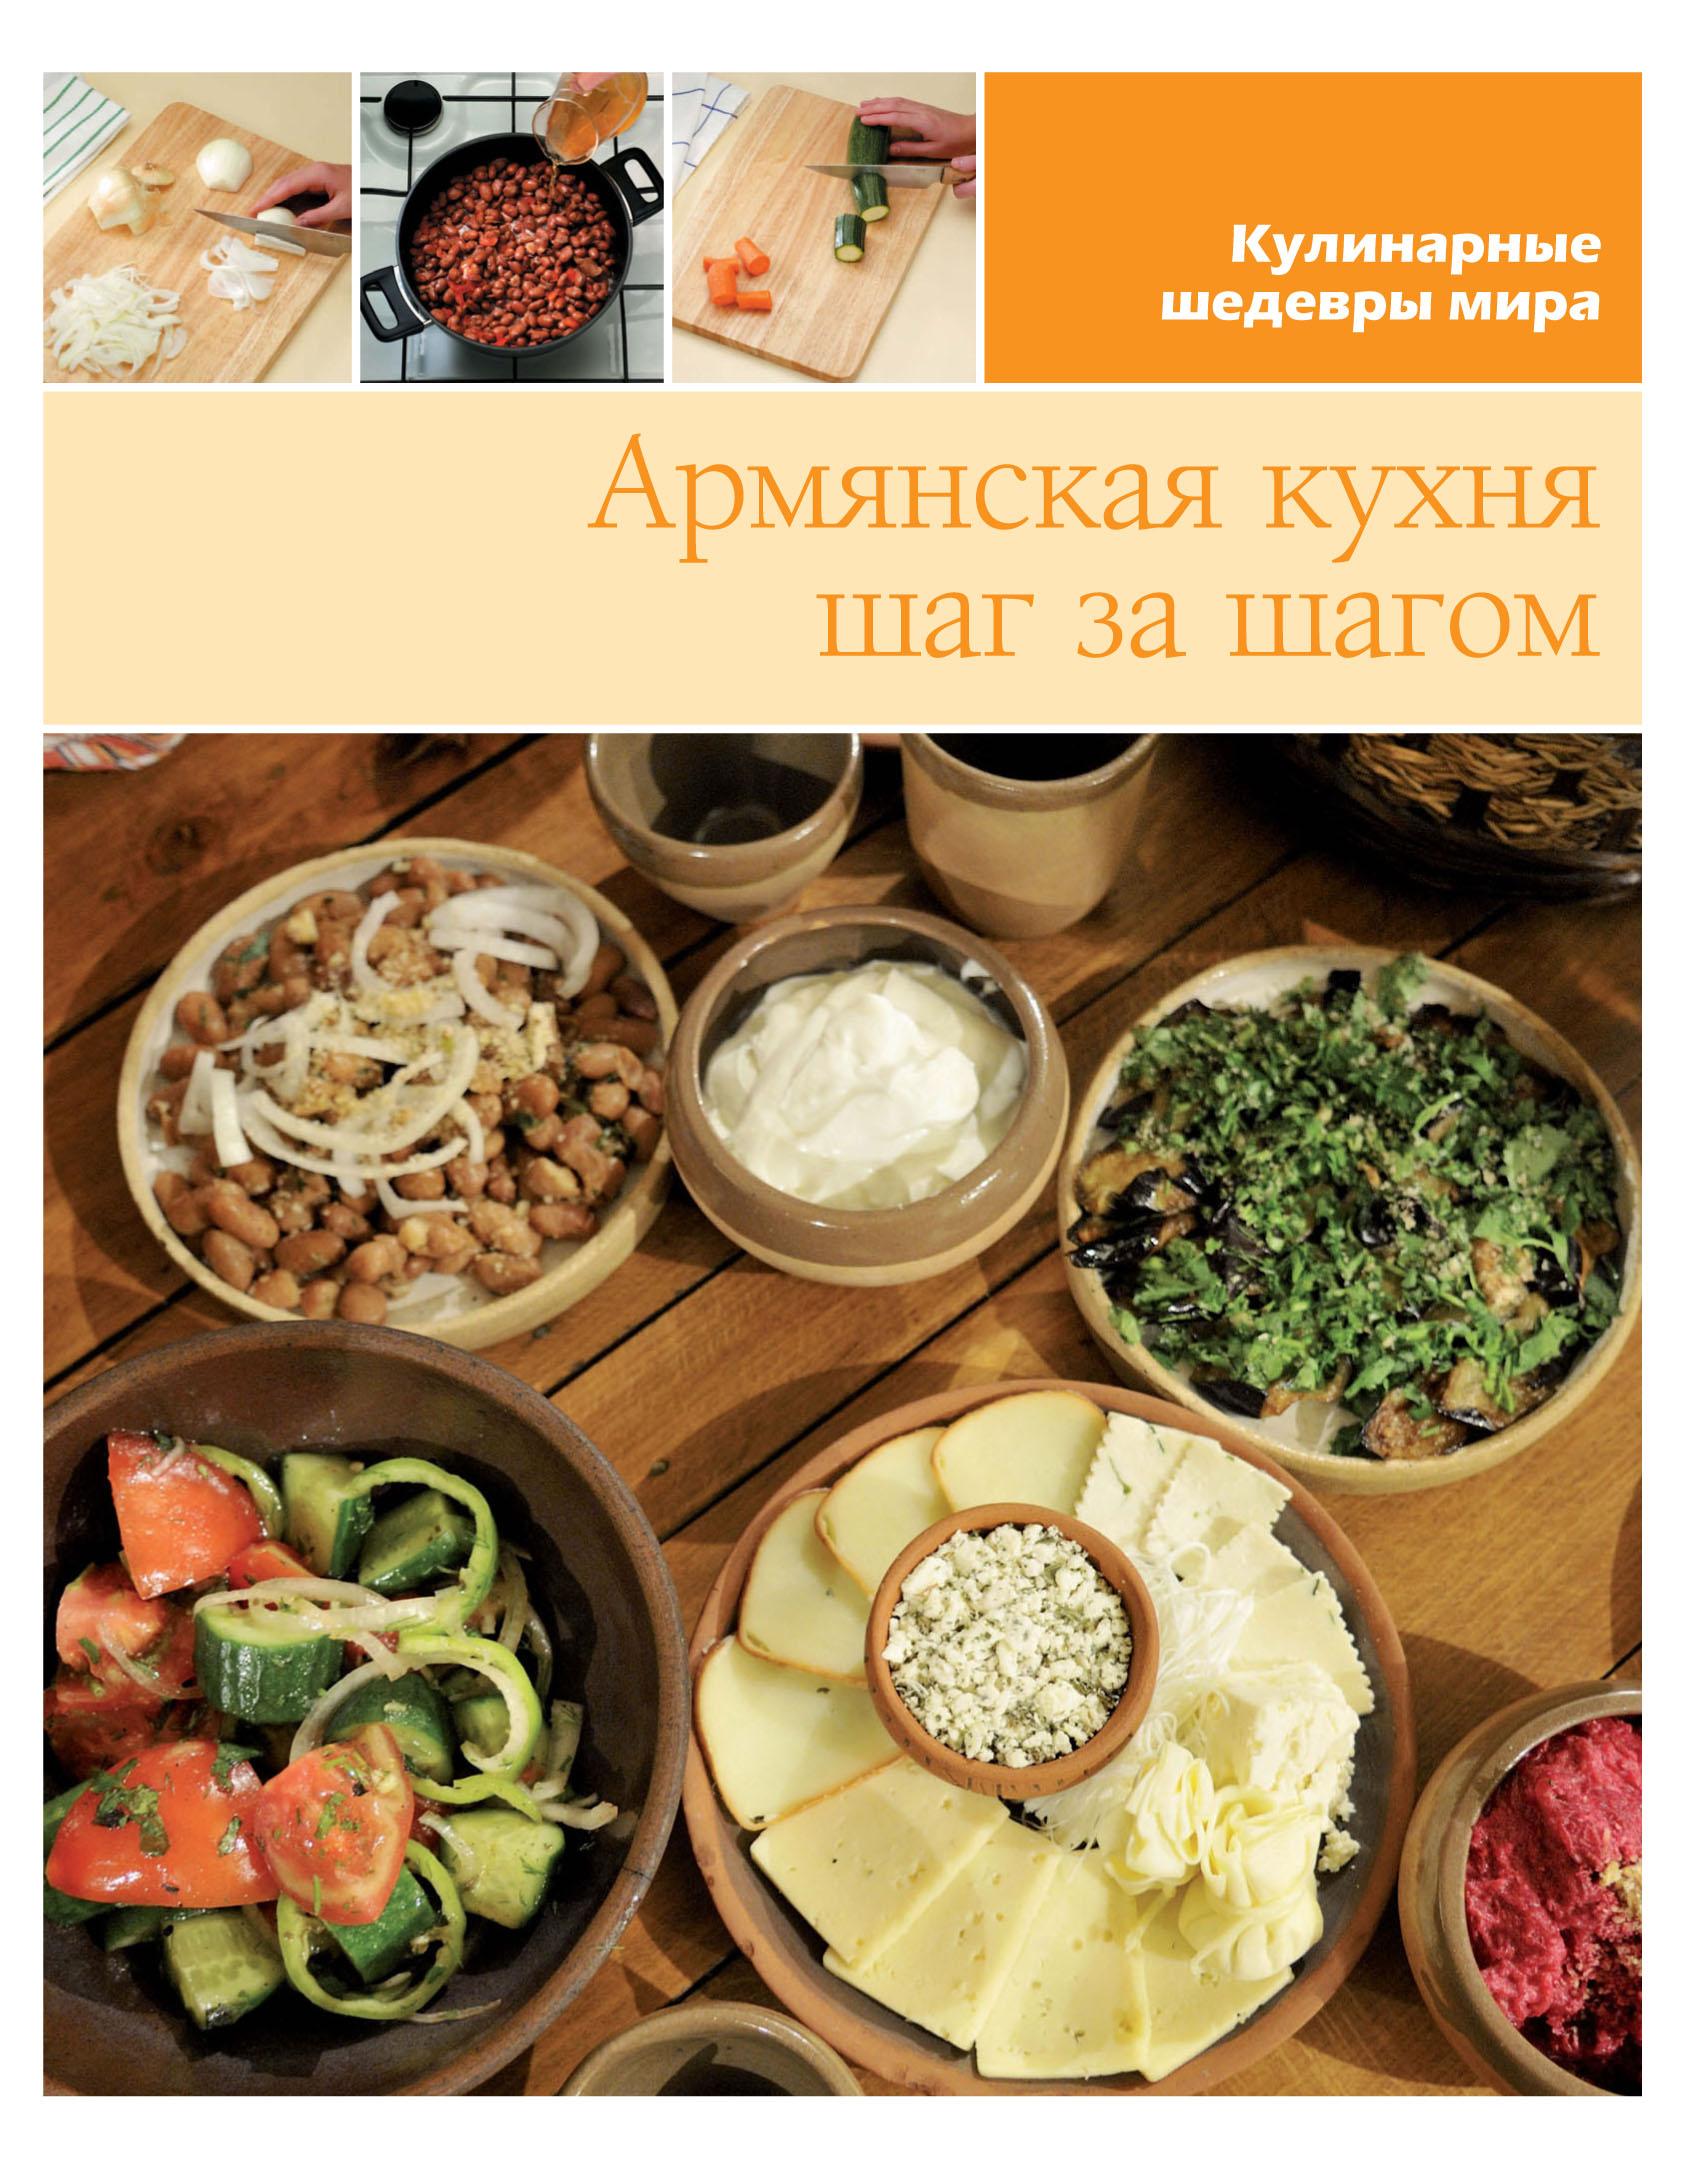 Отсутствует Армянская кухня шаг за шагом отсутствует итальянская кухня шаг за шагом – 1